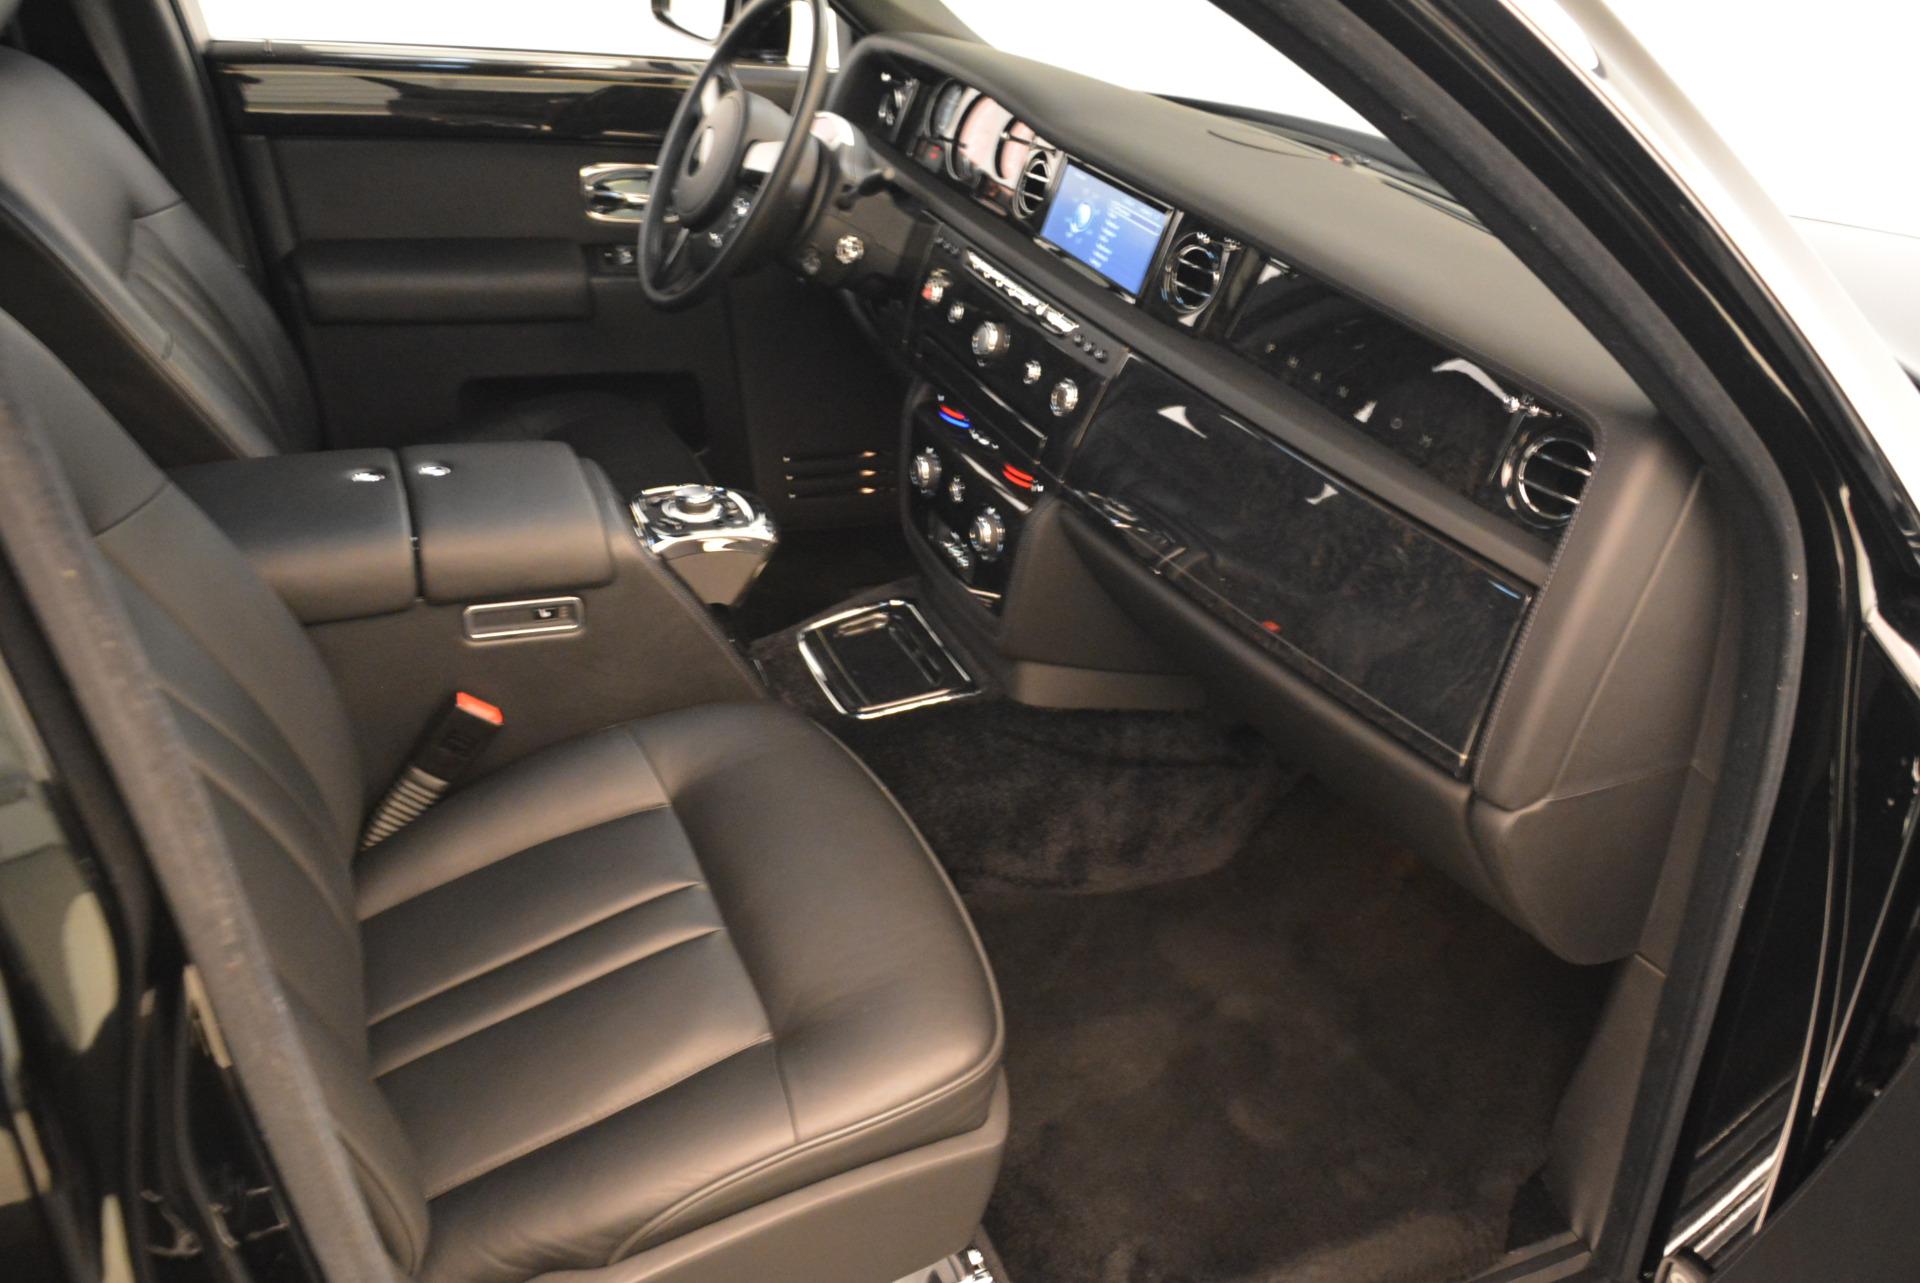 Used 2014 Rolls-Royce Phantom EWB For Sale In Westport, CT 2051_p22